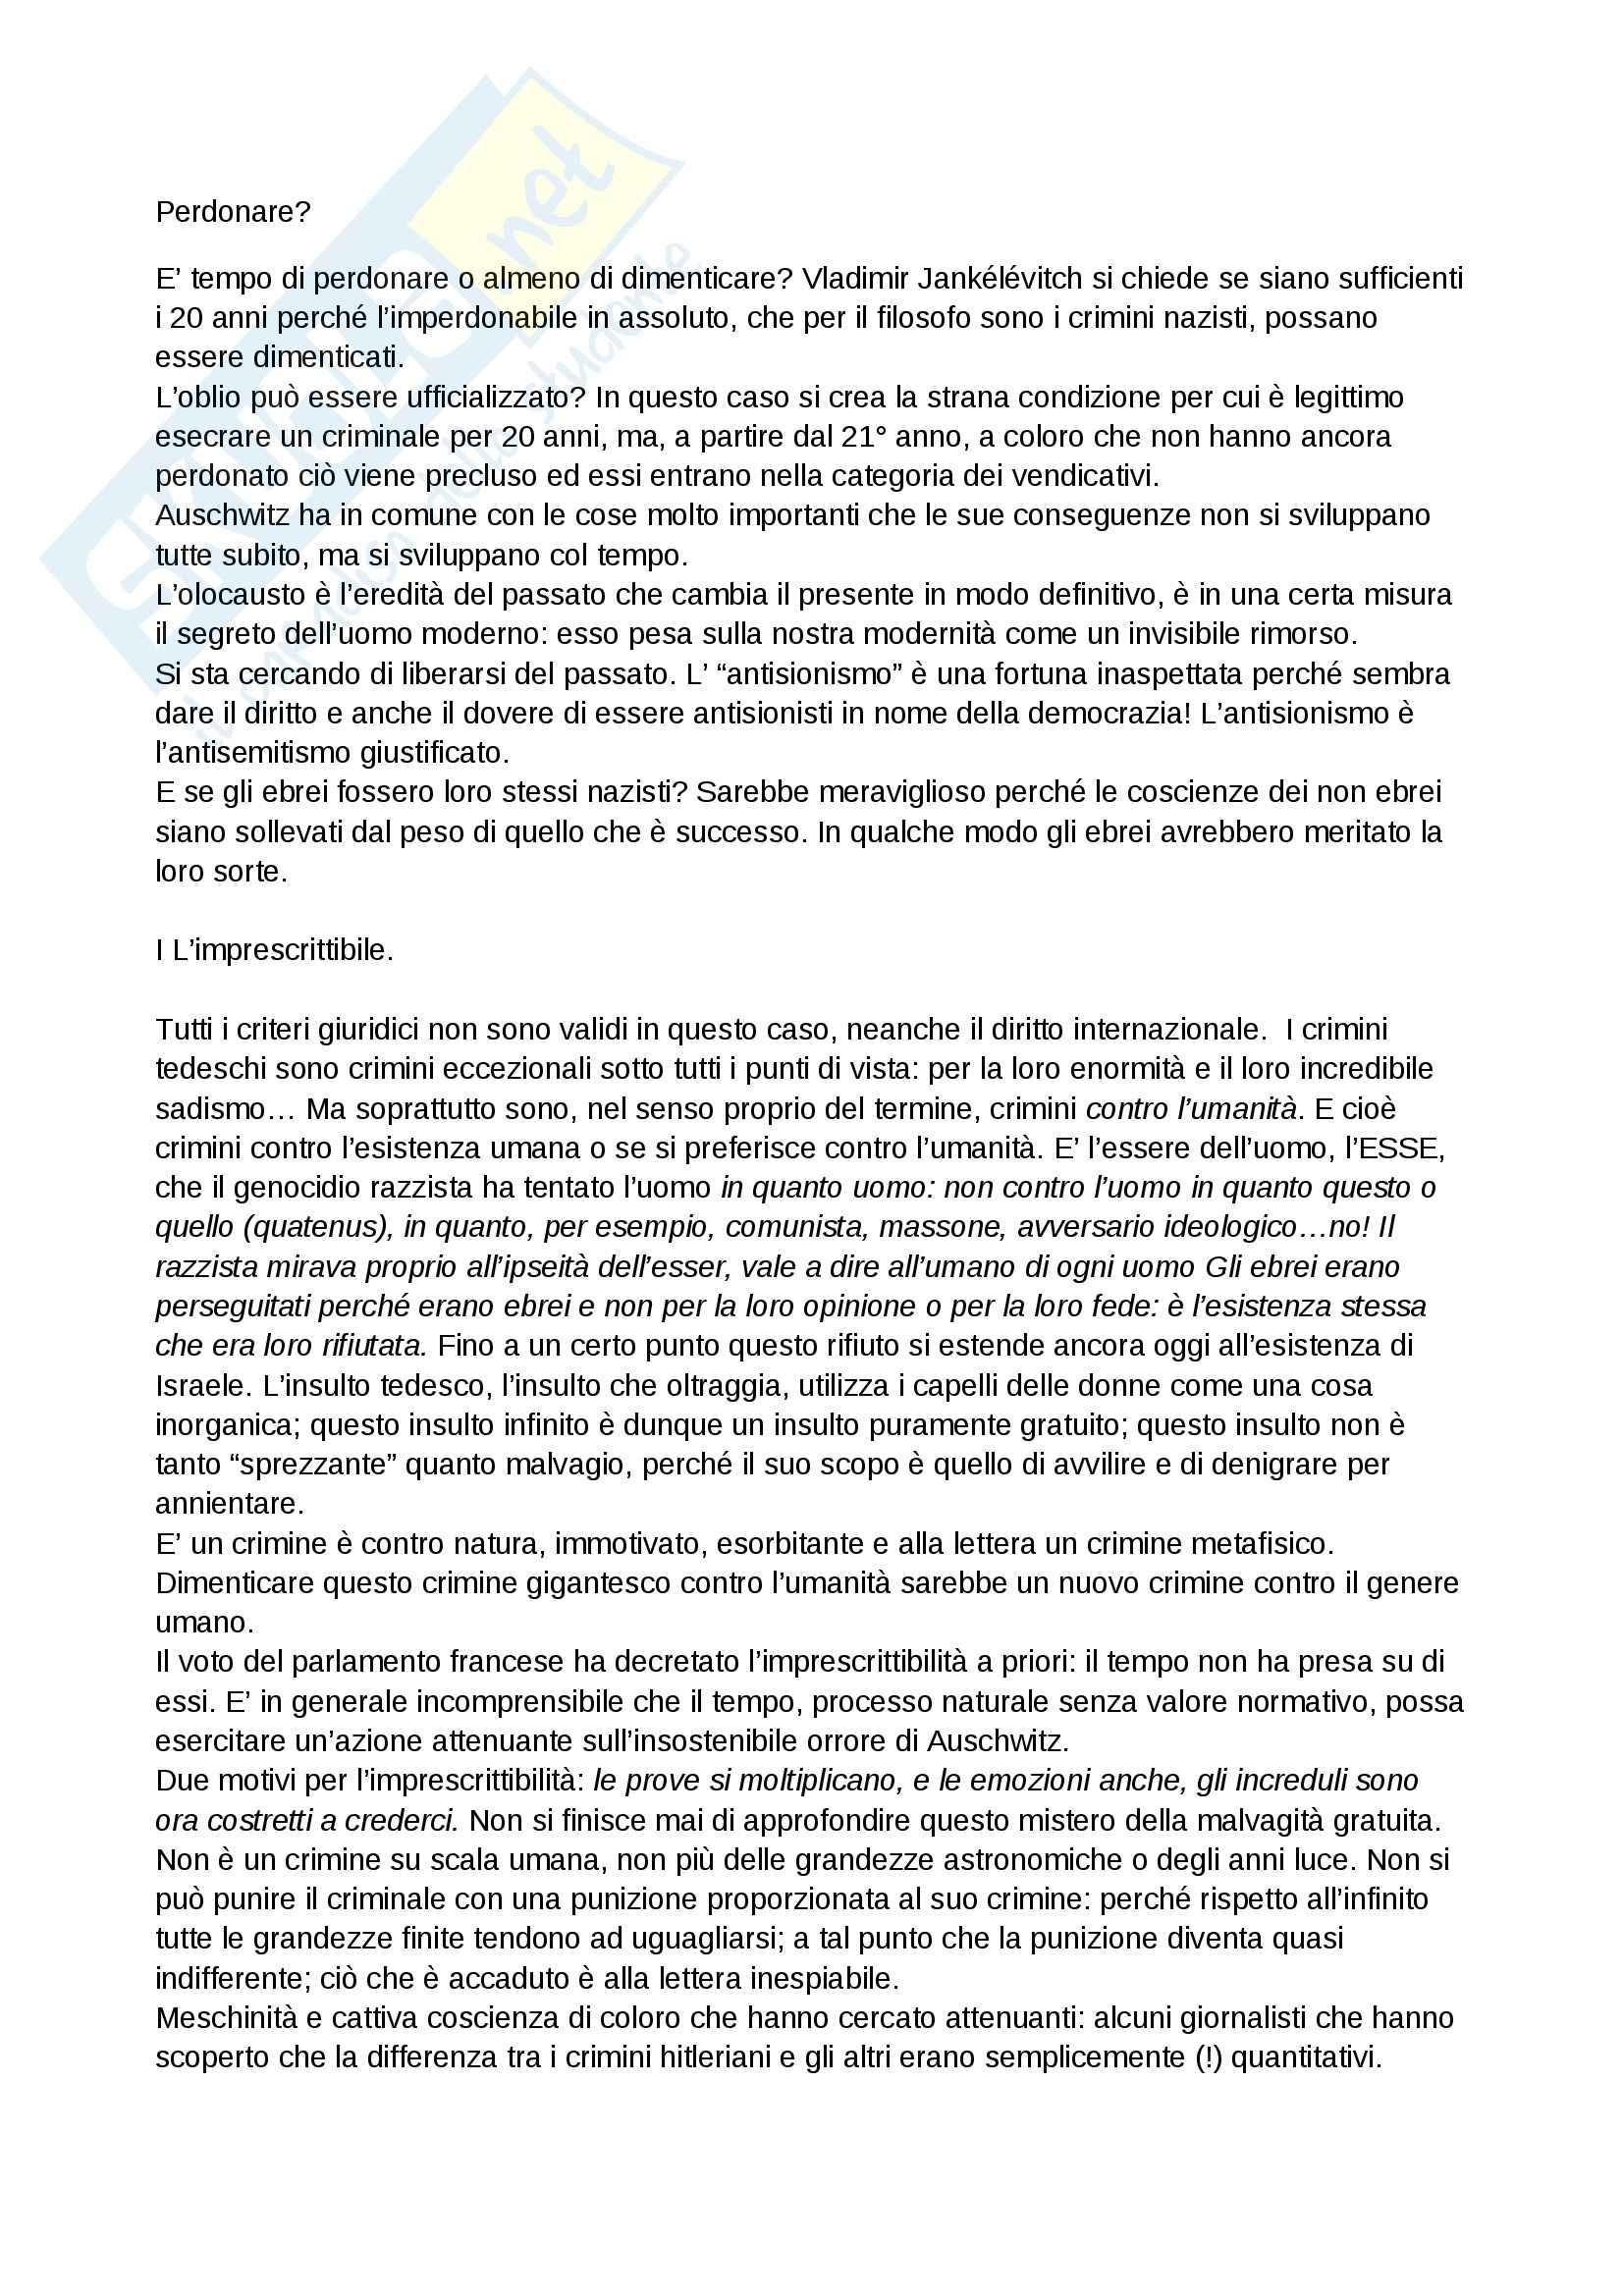 Riassunto esame Filosofia, prof. Boella, libro consigliato Trattato delle virtù, Jankèlèvitch